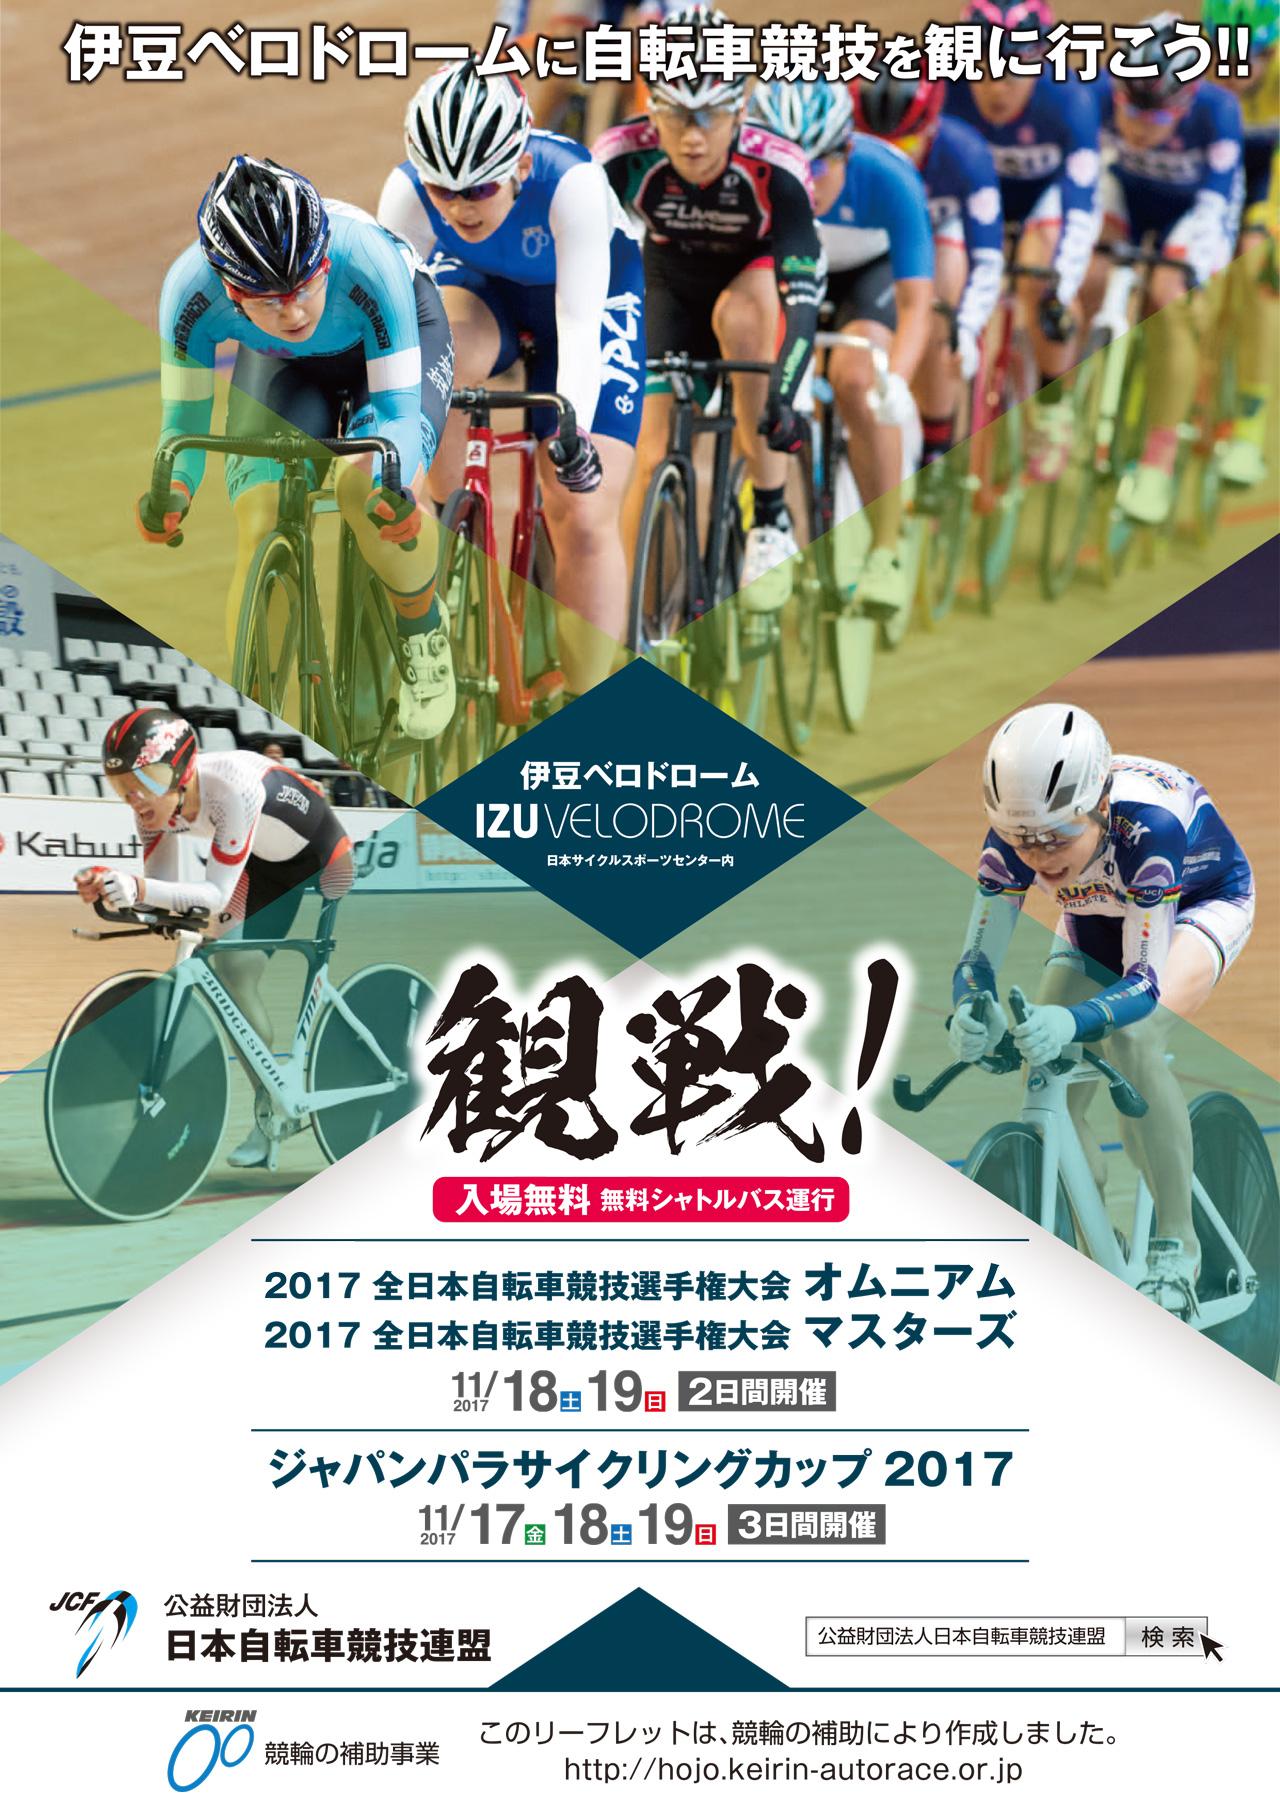 2017全日本選手権自転車競技大会 オムニアム